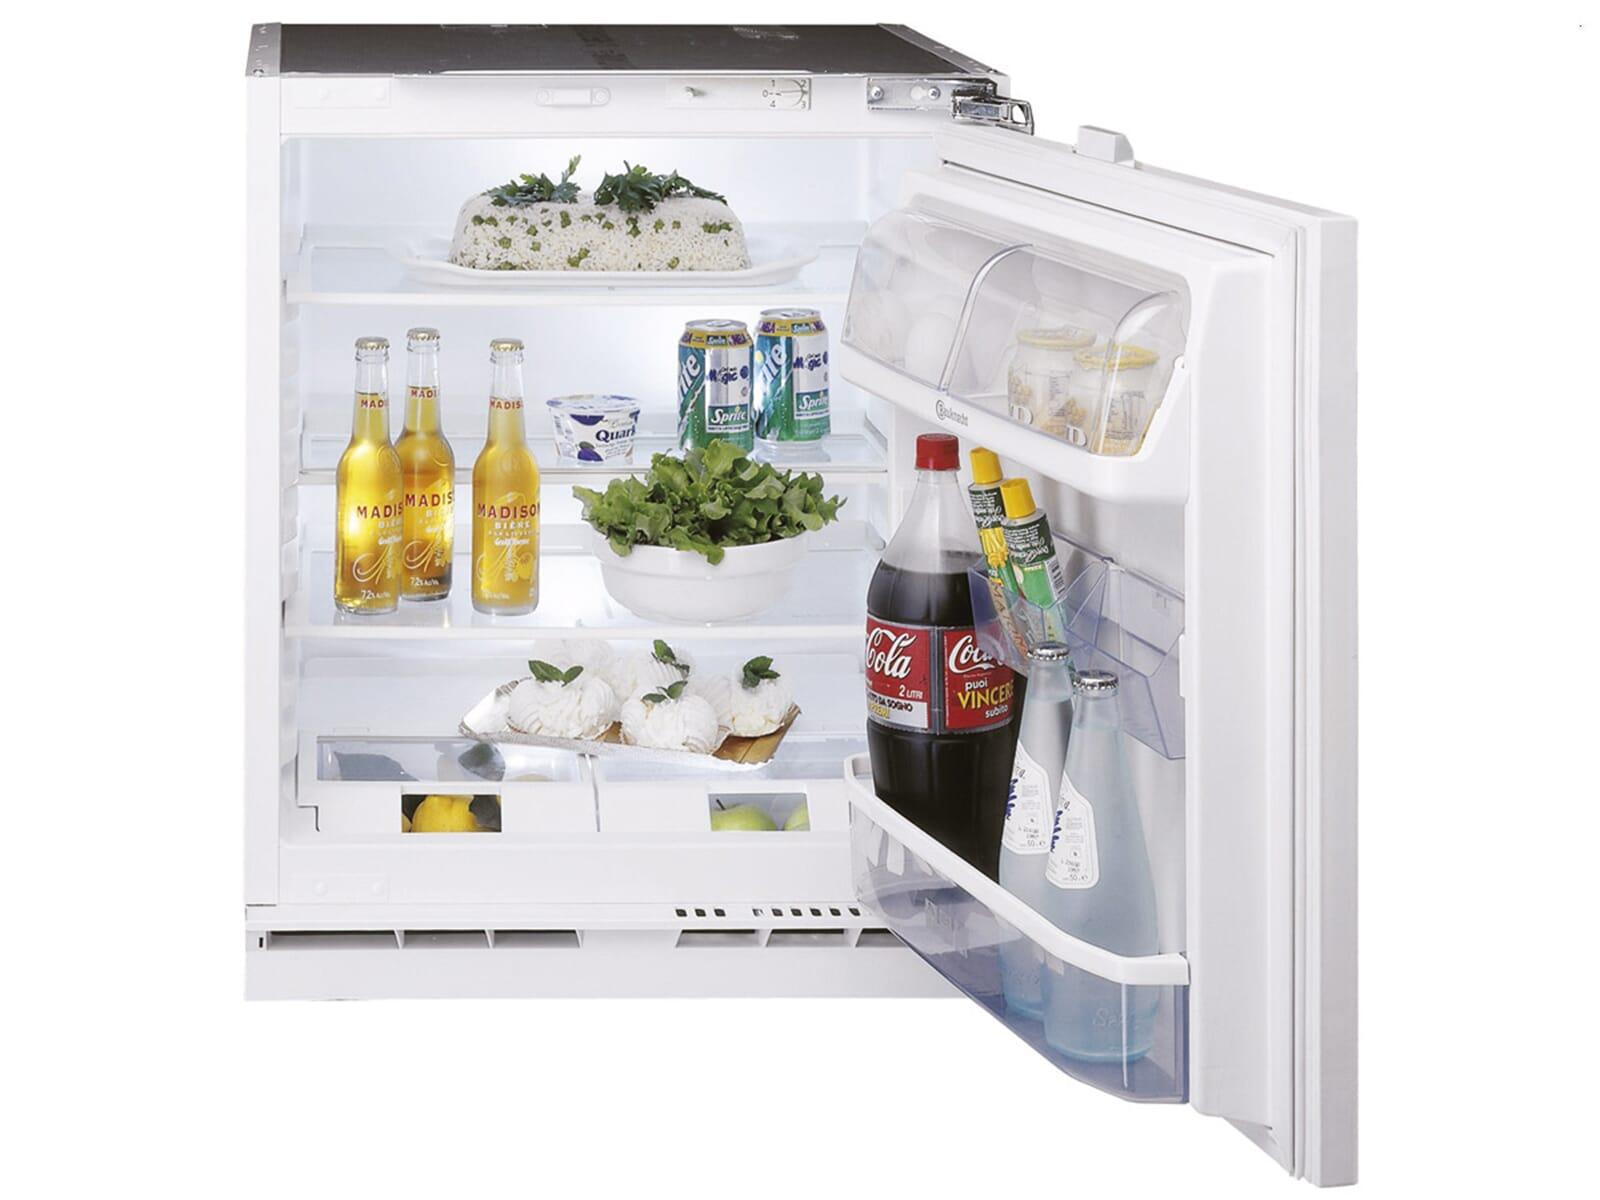 Amica Uks 16147 Unterbau Kühlschrank 50cm Dekorfähig : Unterbau kühlschrank dekorfähig desire einbau gefrierschrank klein